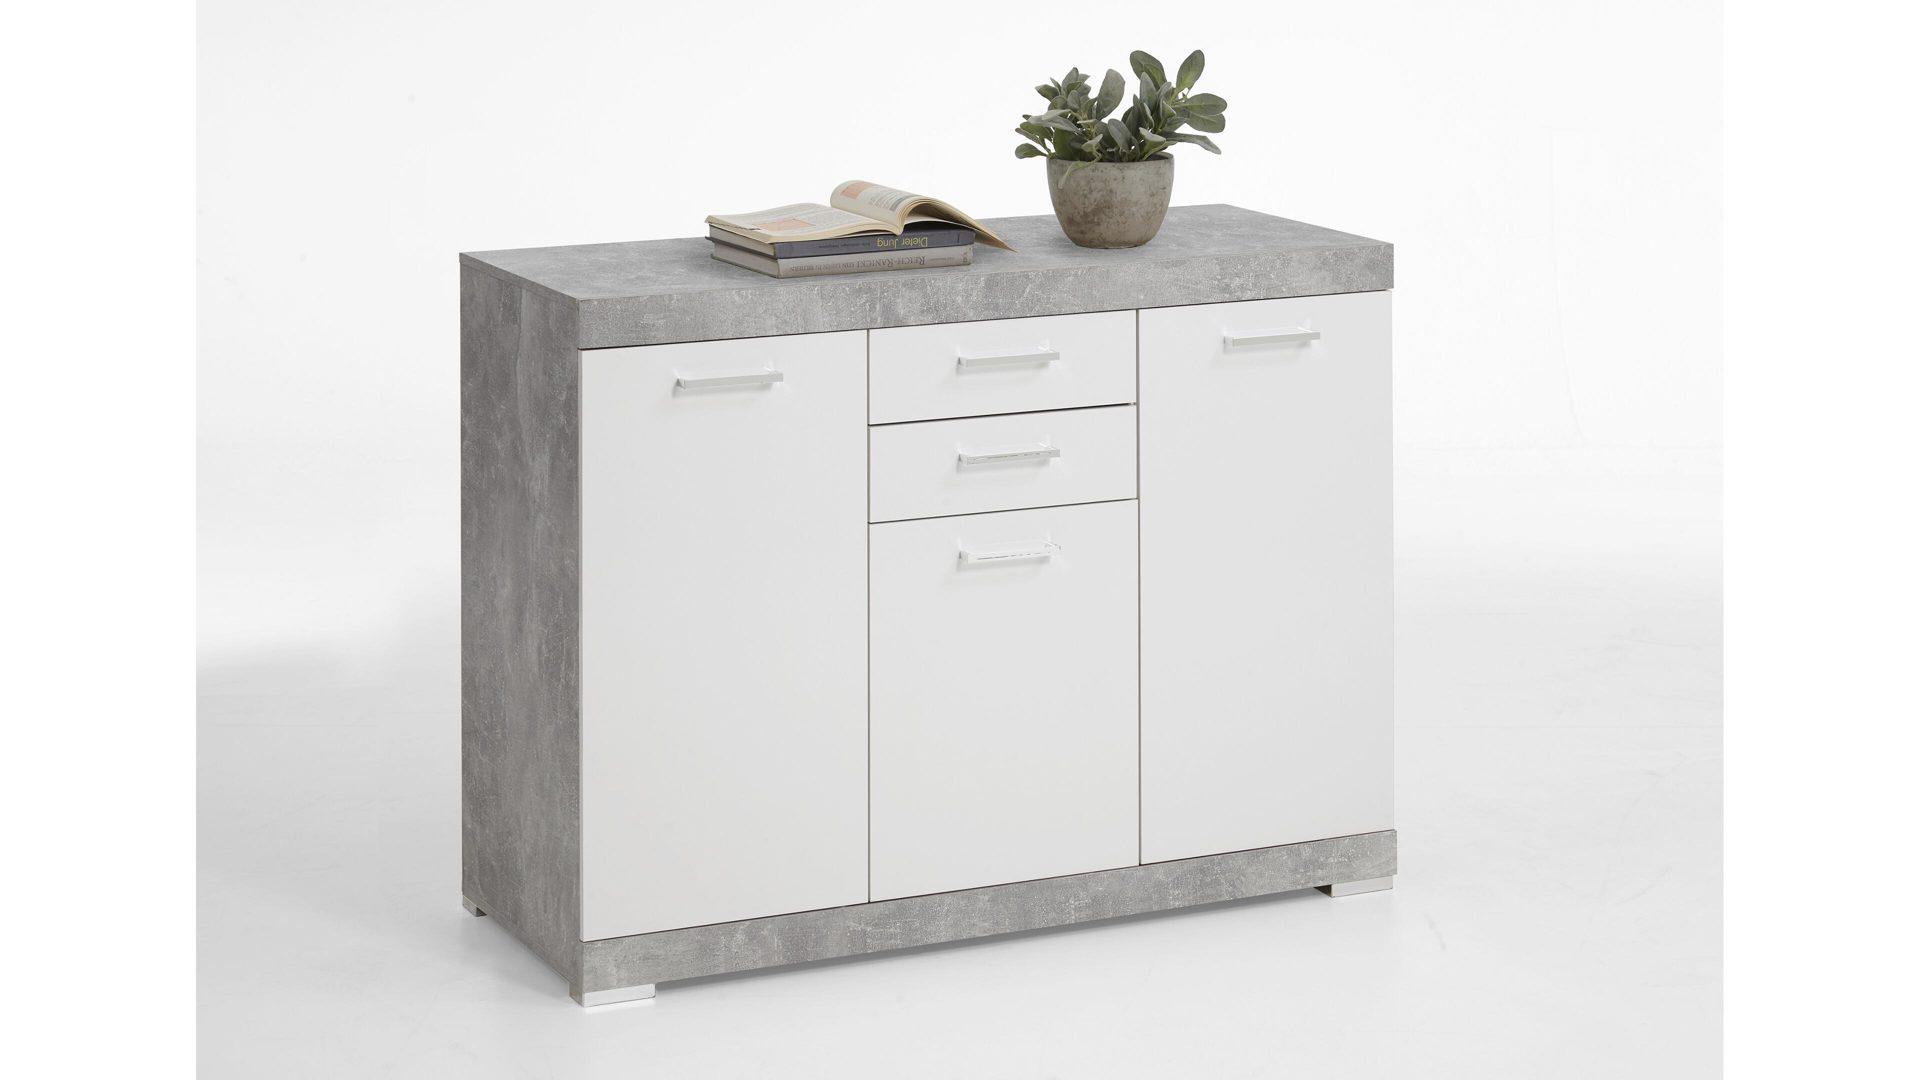 Sideboard Betonfarbene Weisse Kunststoffoberflachen Drei Turen